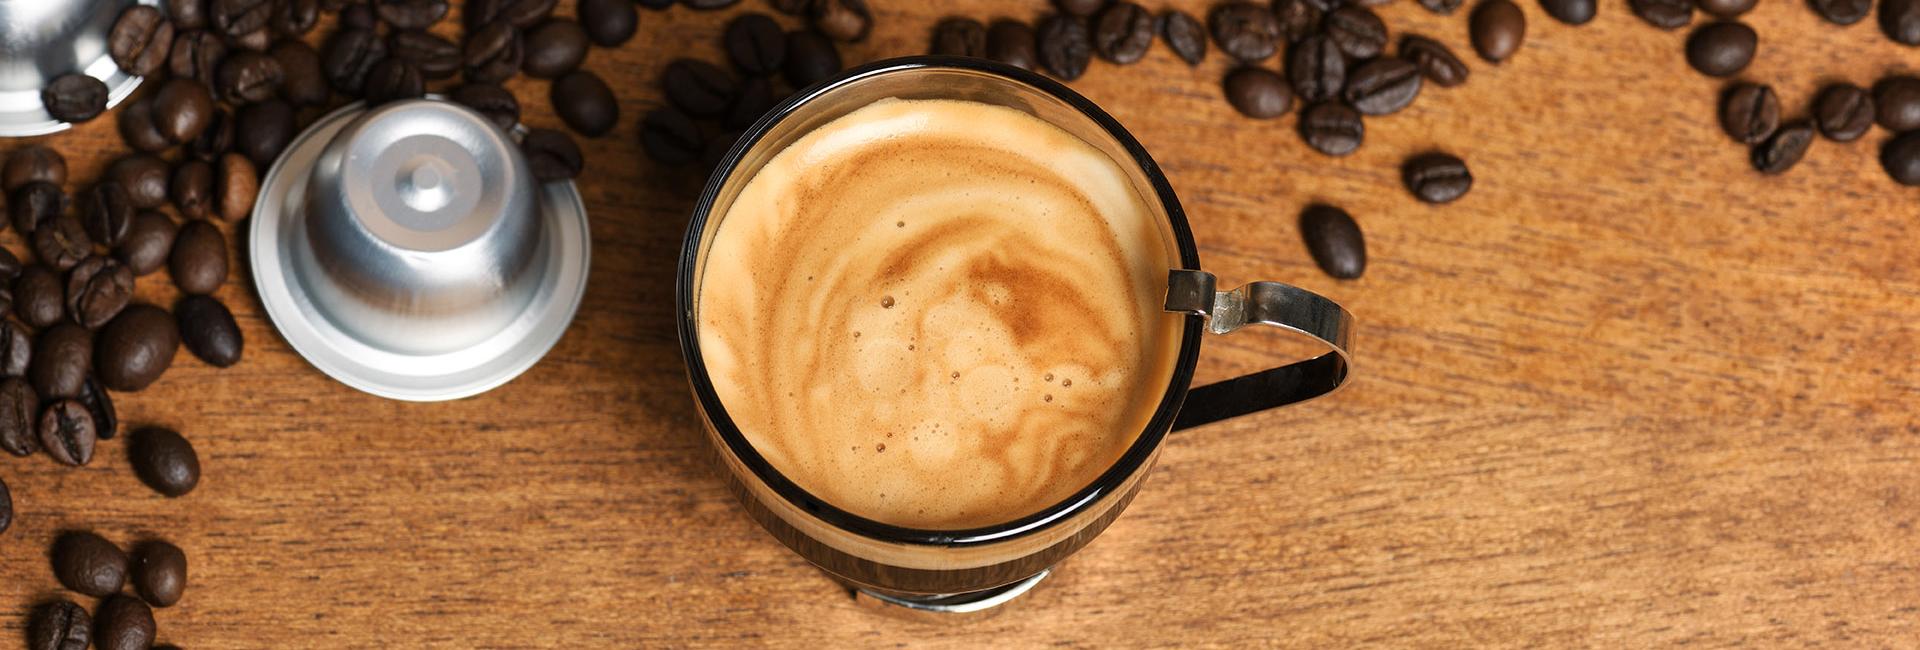 Koffie zetten met cups